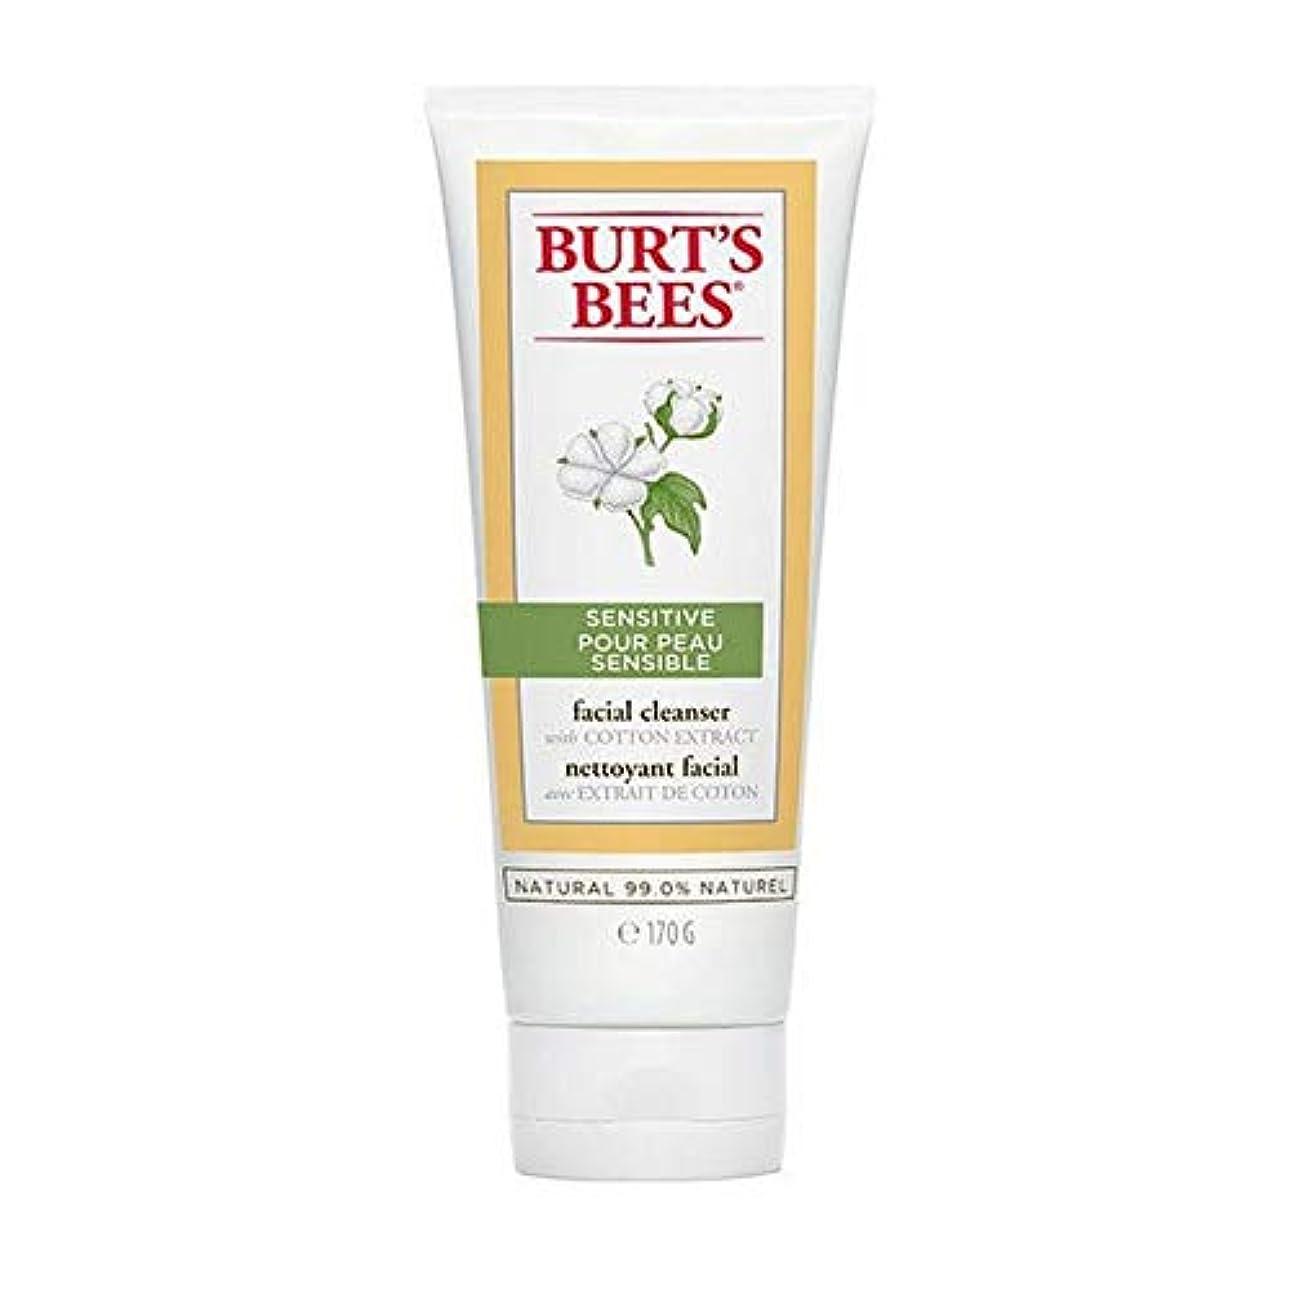 部族適用済みしおれた[Burt's Bees ] バーツビー敏感肌洗顔料の170グラム - Burt's Bees Sensitive Skin Facial Cleanser 170g [並行輸入品]